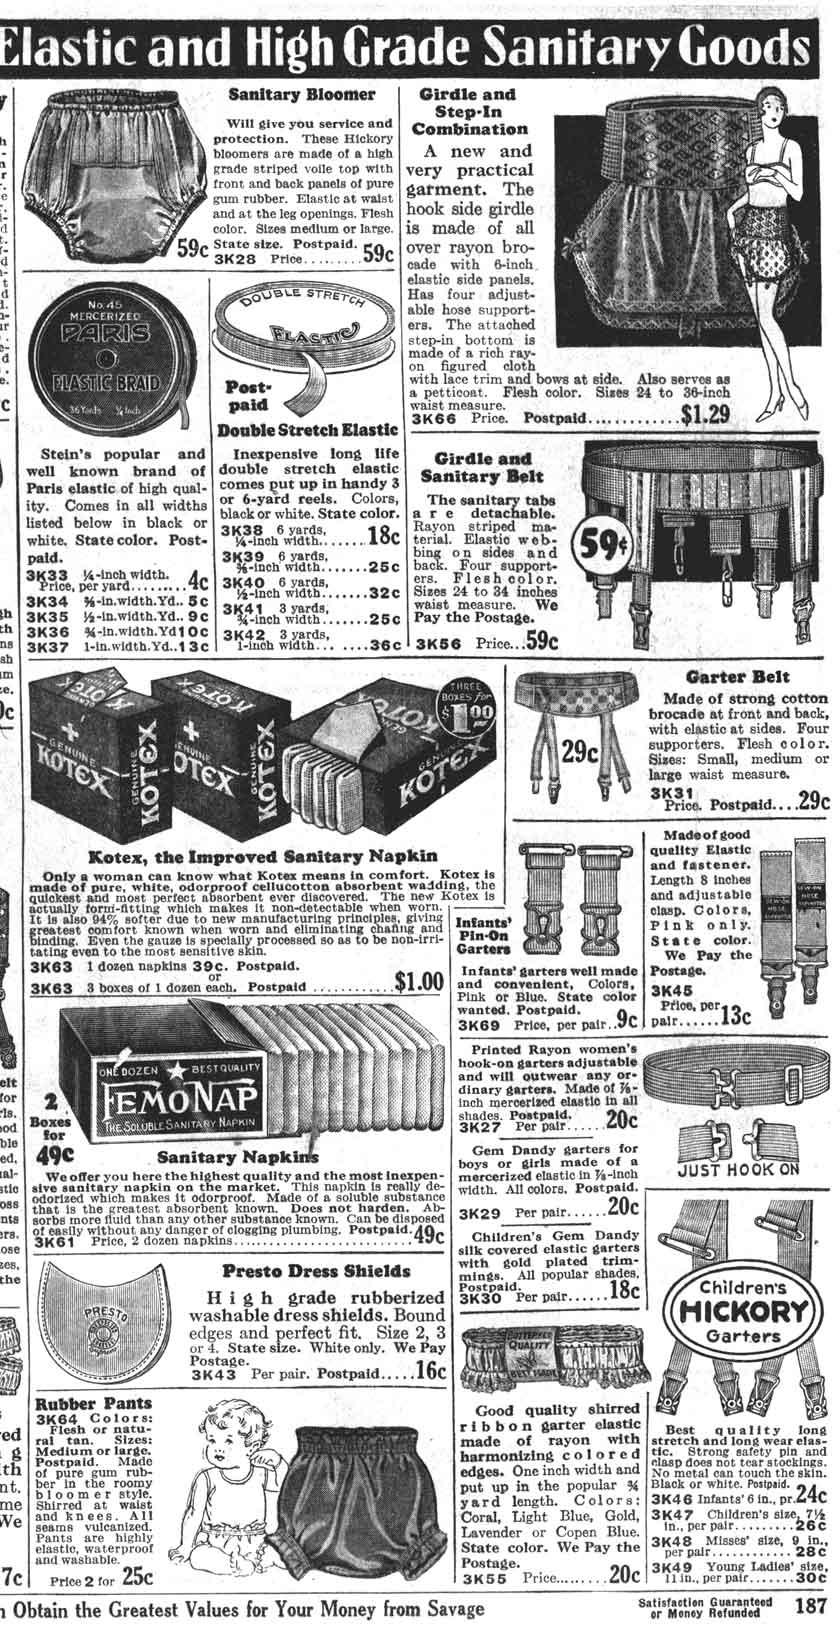 1970s sears catalog.